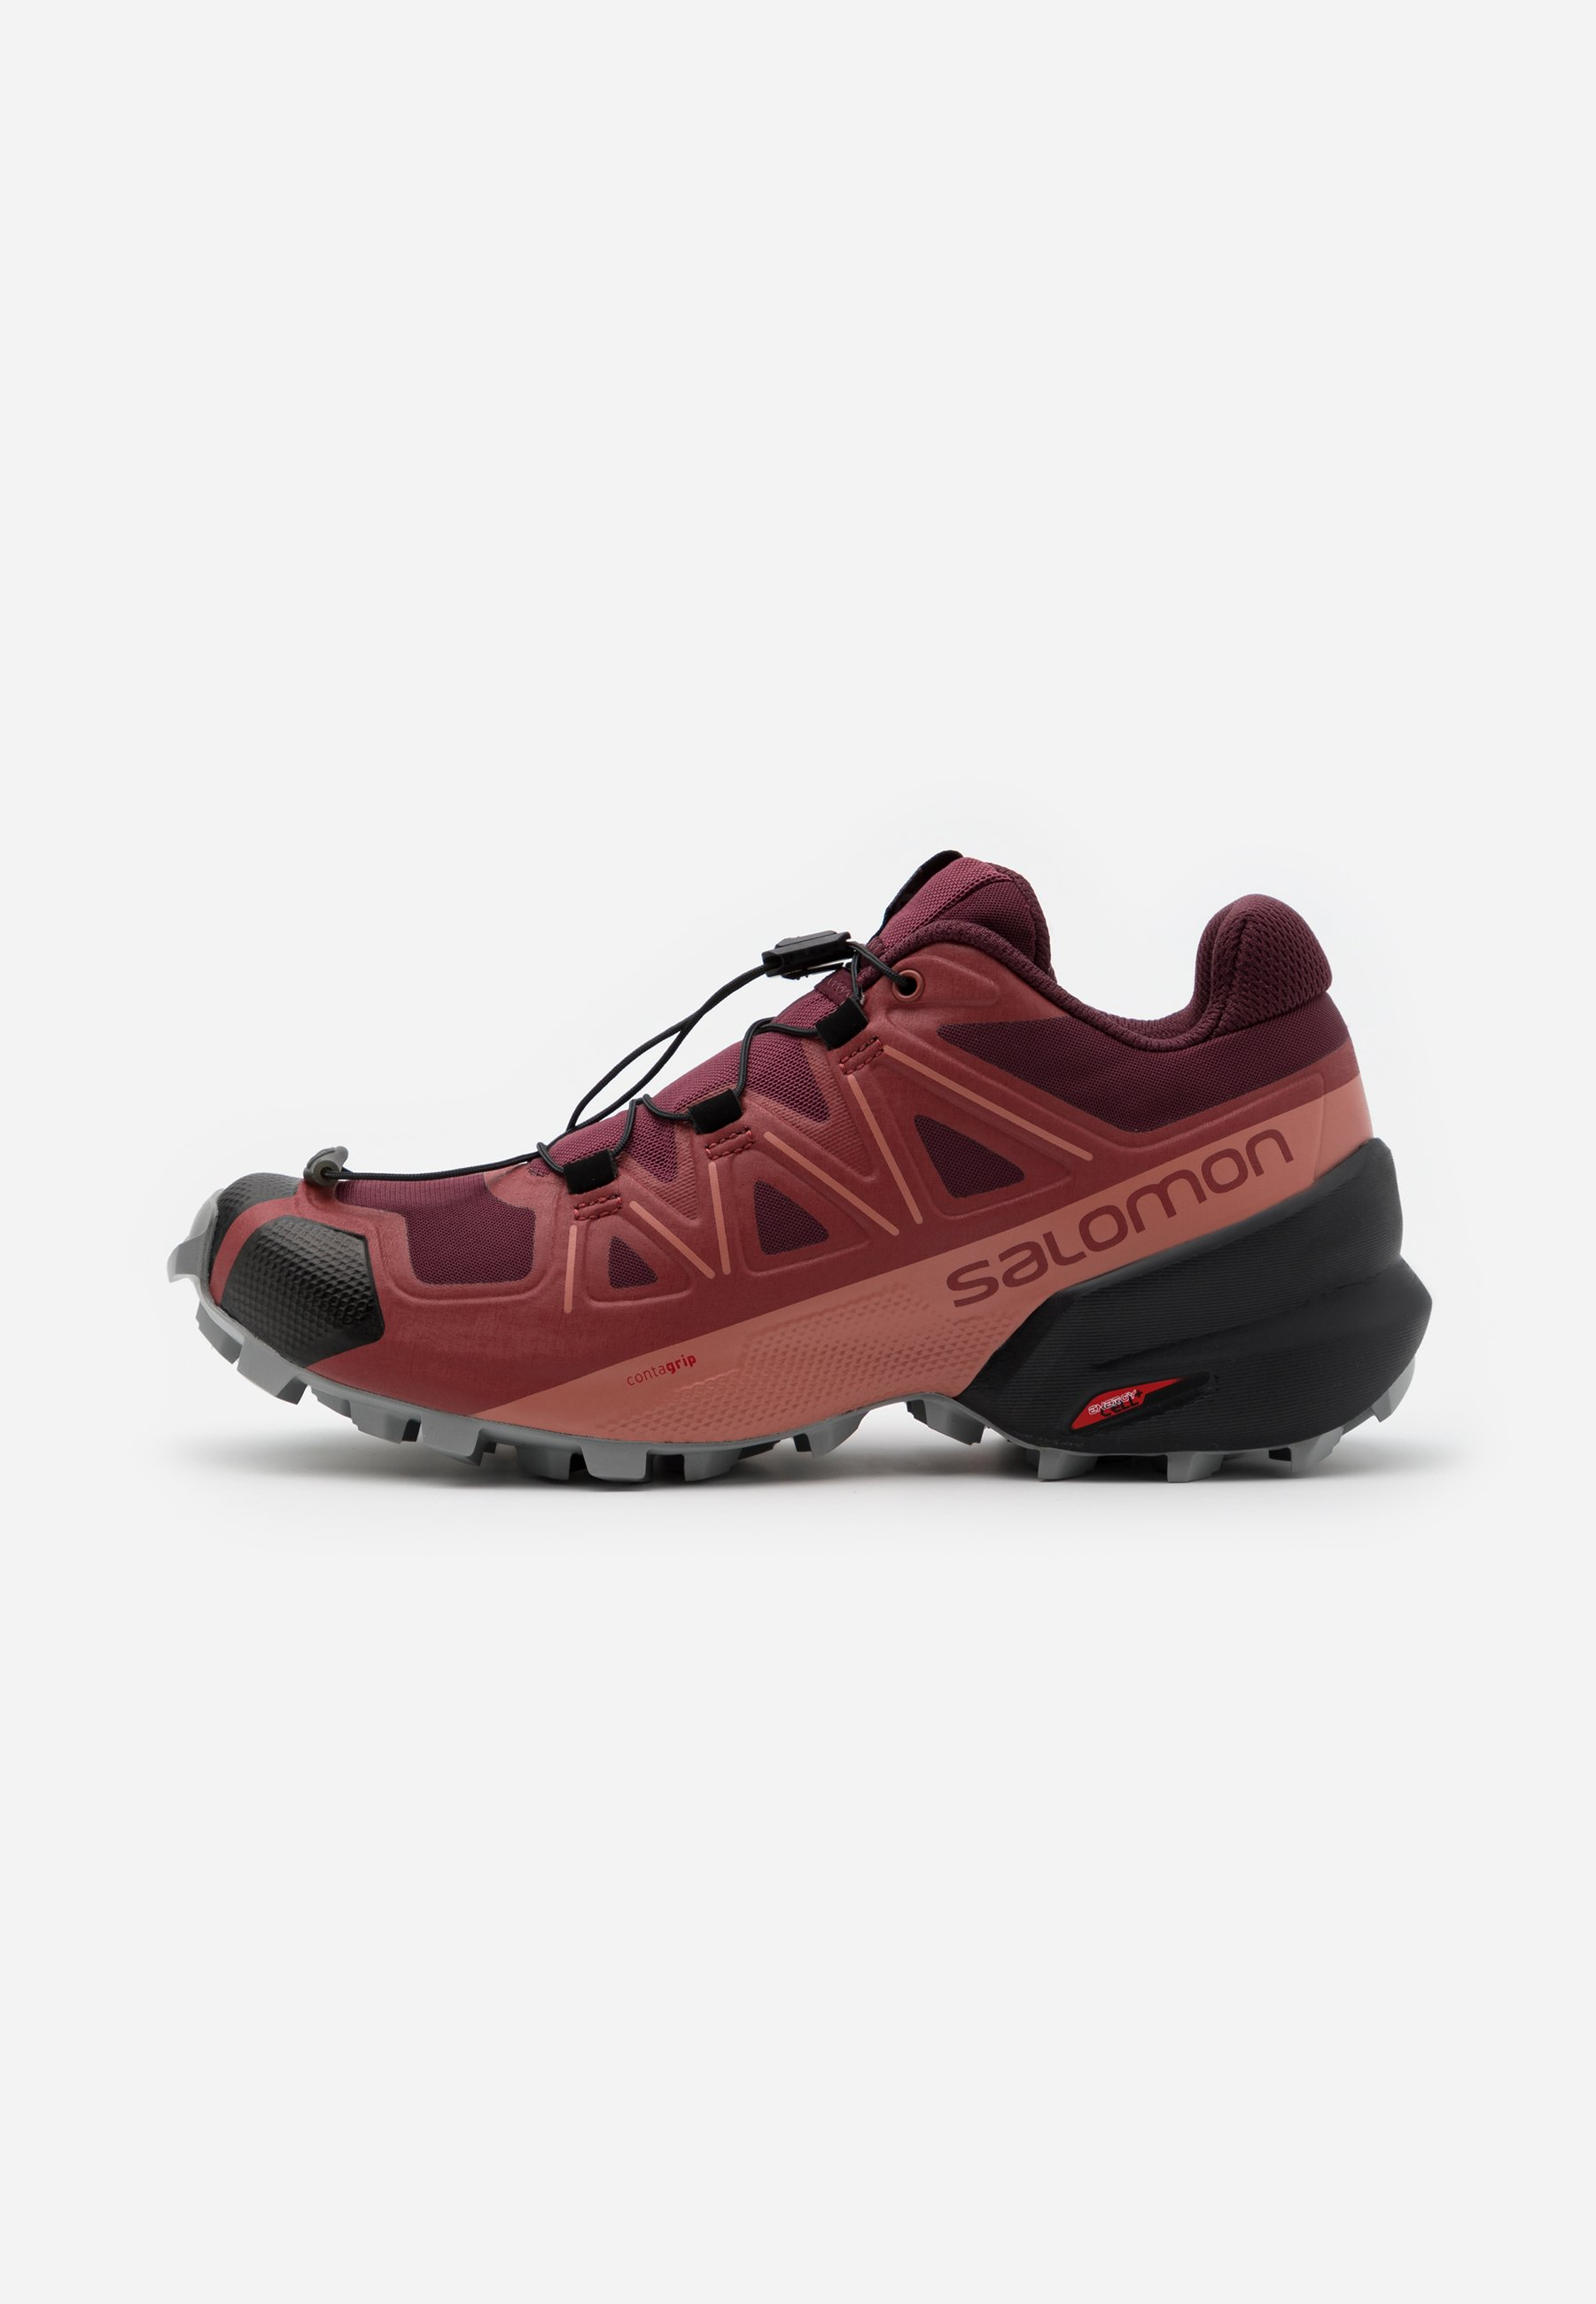 zapatos outdoor salomon mujer catalogo